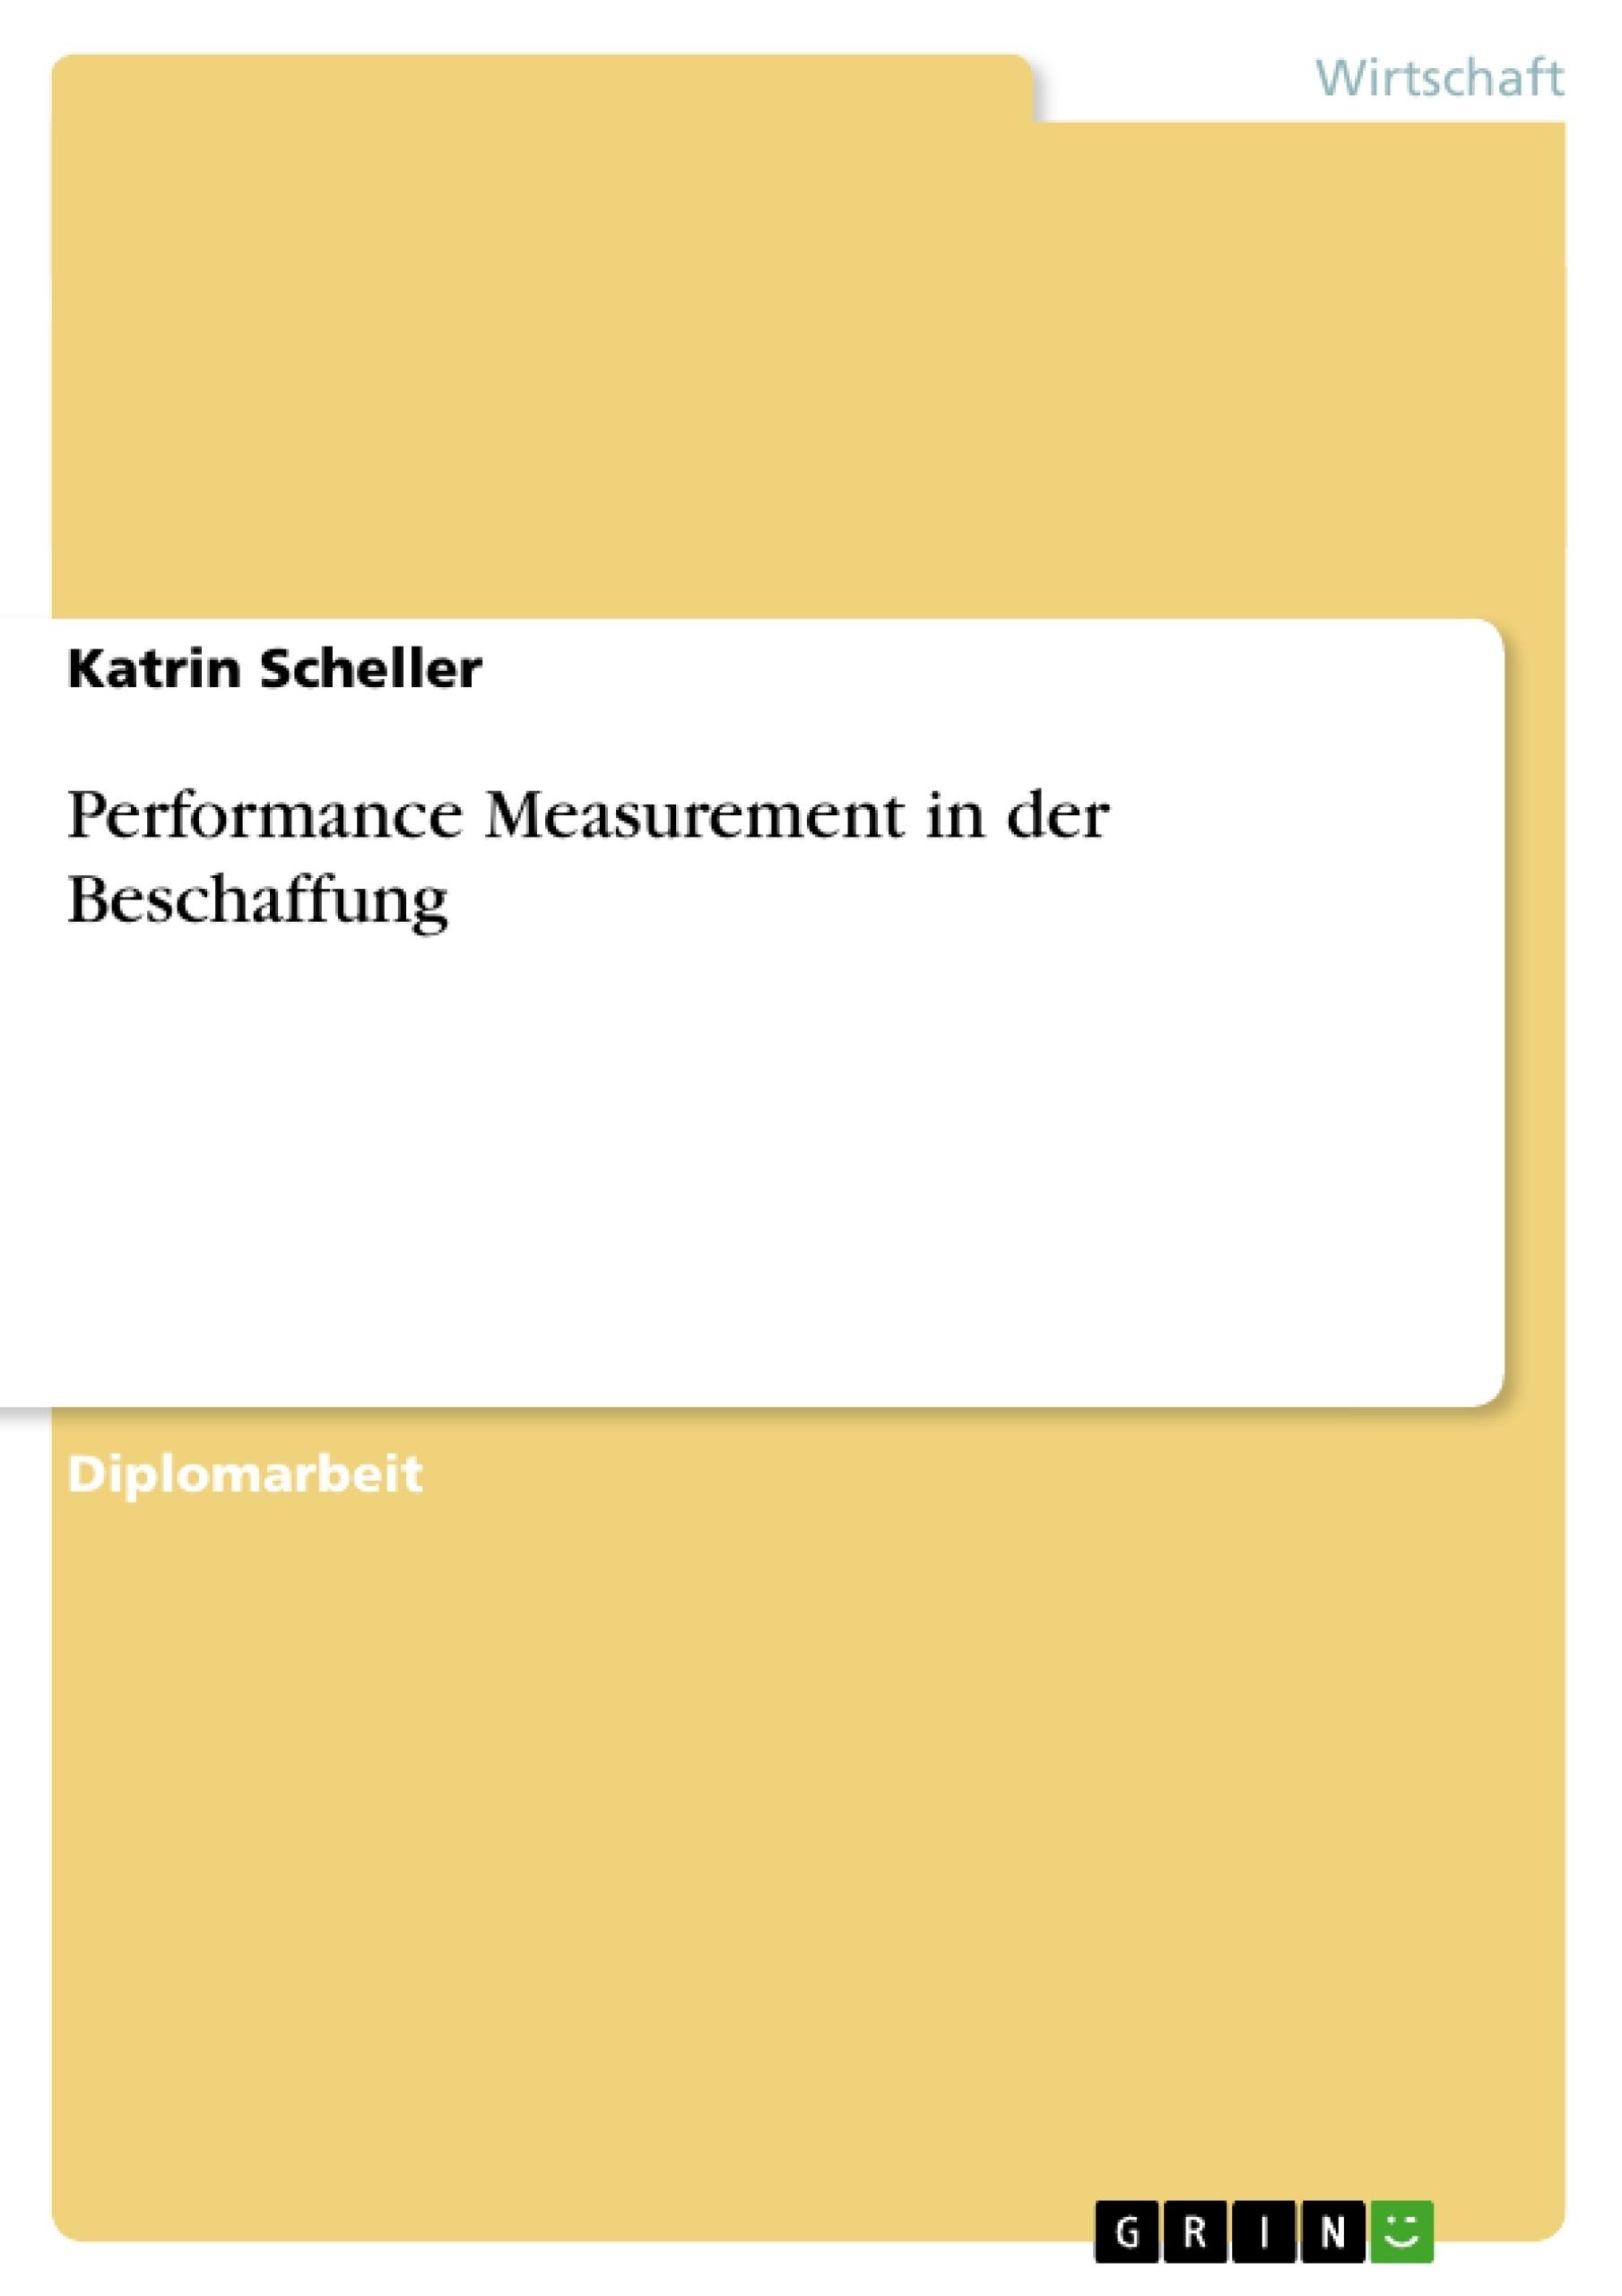 Titel: Performance Measurement in der Beschaffung